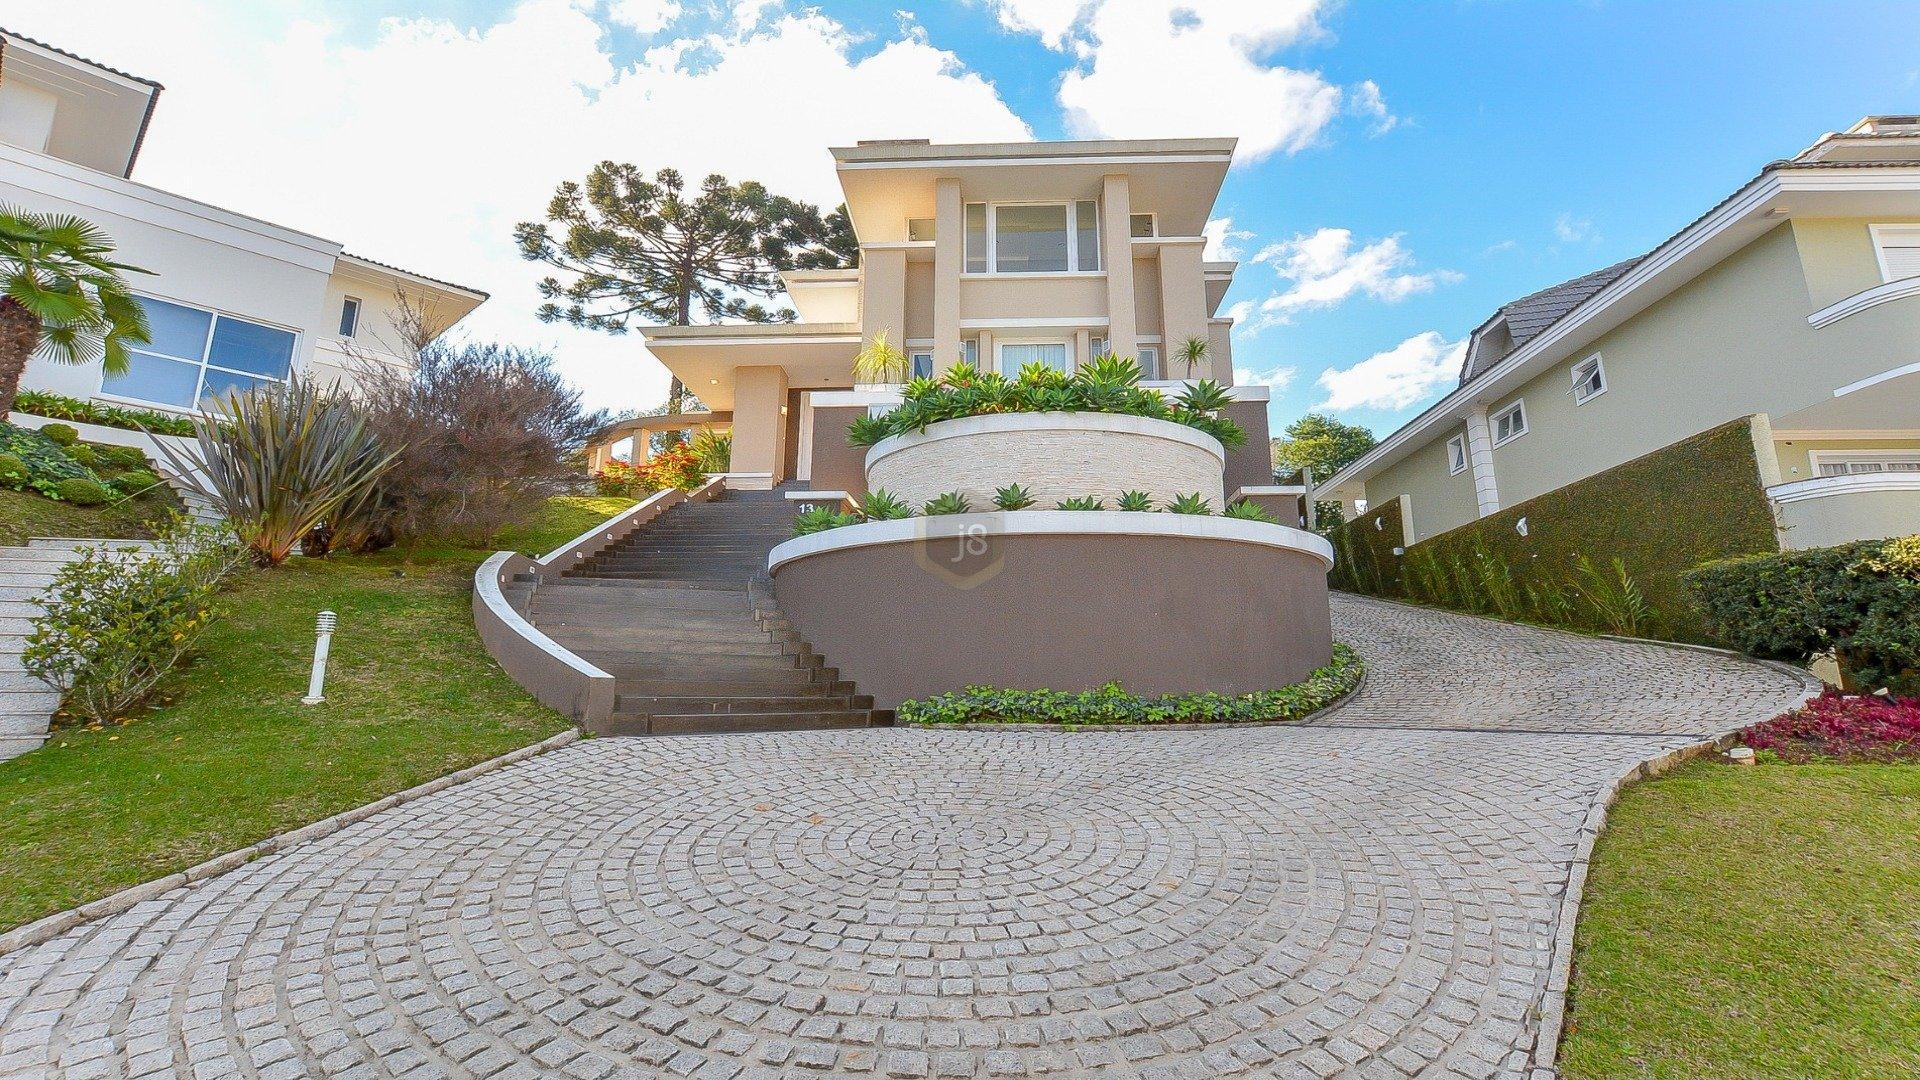 Foto de destaque Casa de luxo no bairro são joão.